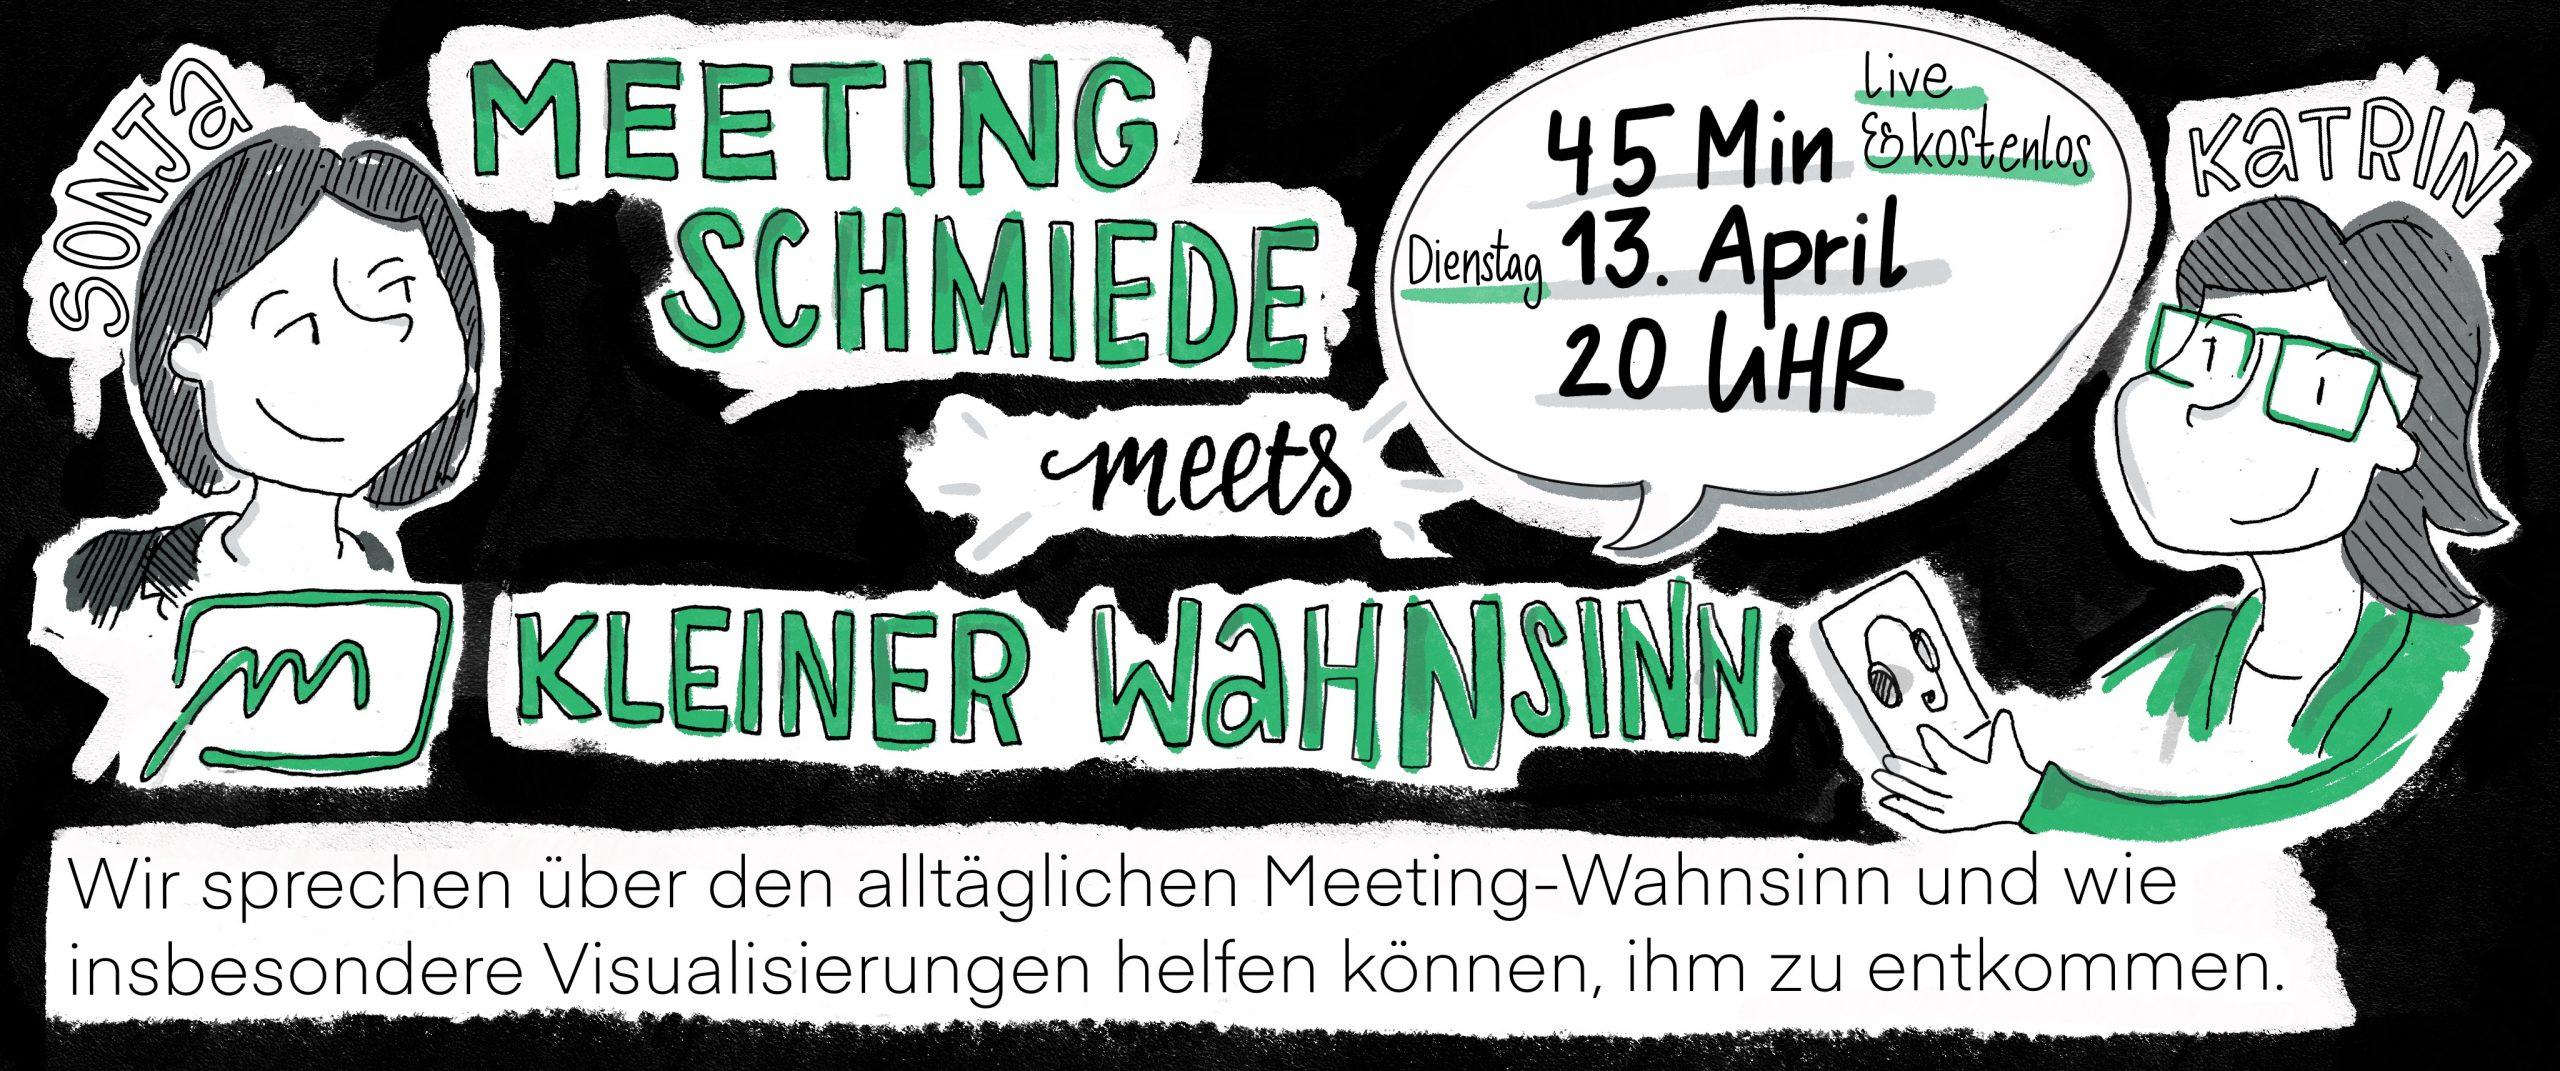 Meetingschmiede meets Kleiner Wahnsinn